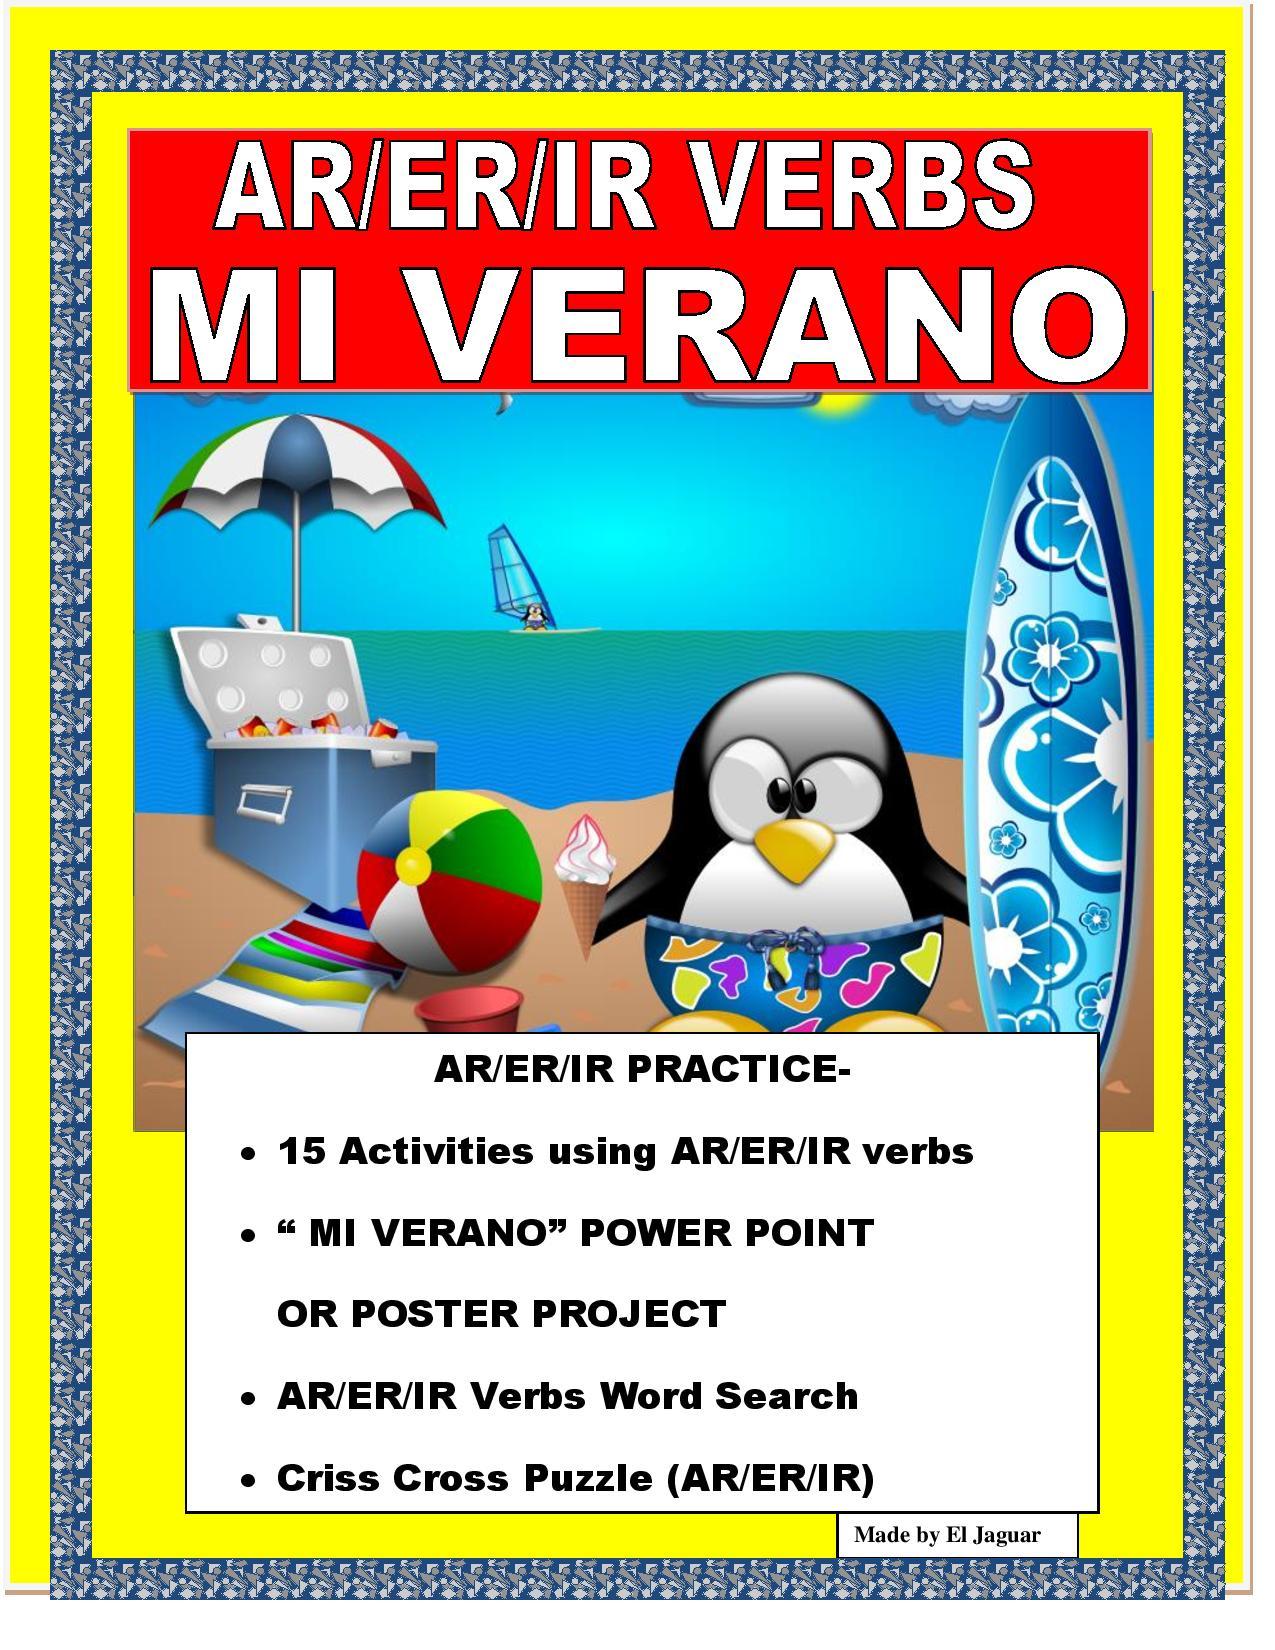 SPANISHENDOFYEARMIVERANOVerbsPowerPointPosterProjectwithRubric (1)-page-001 (1)